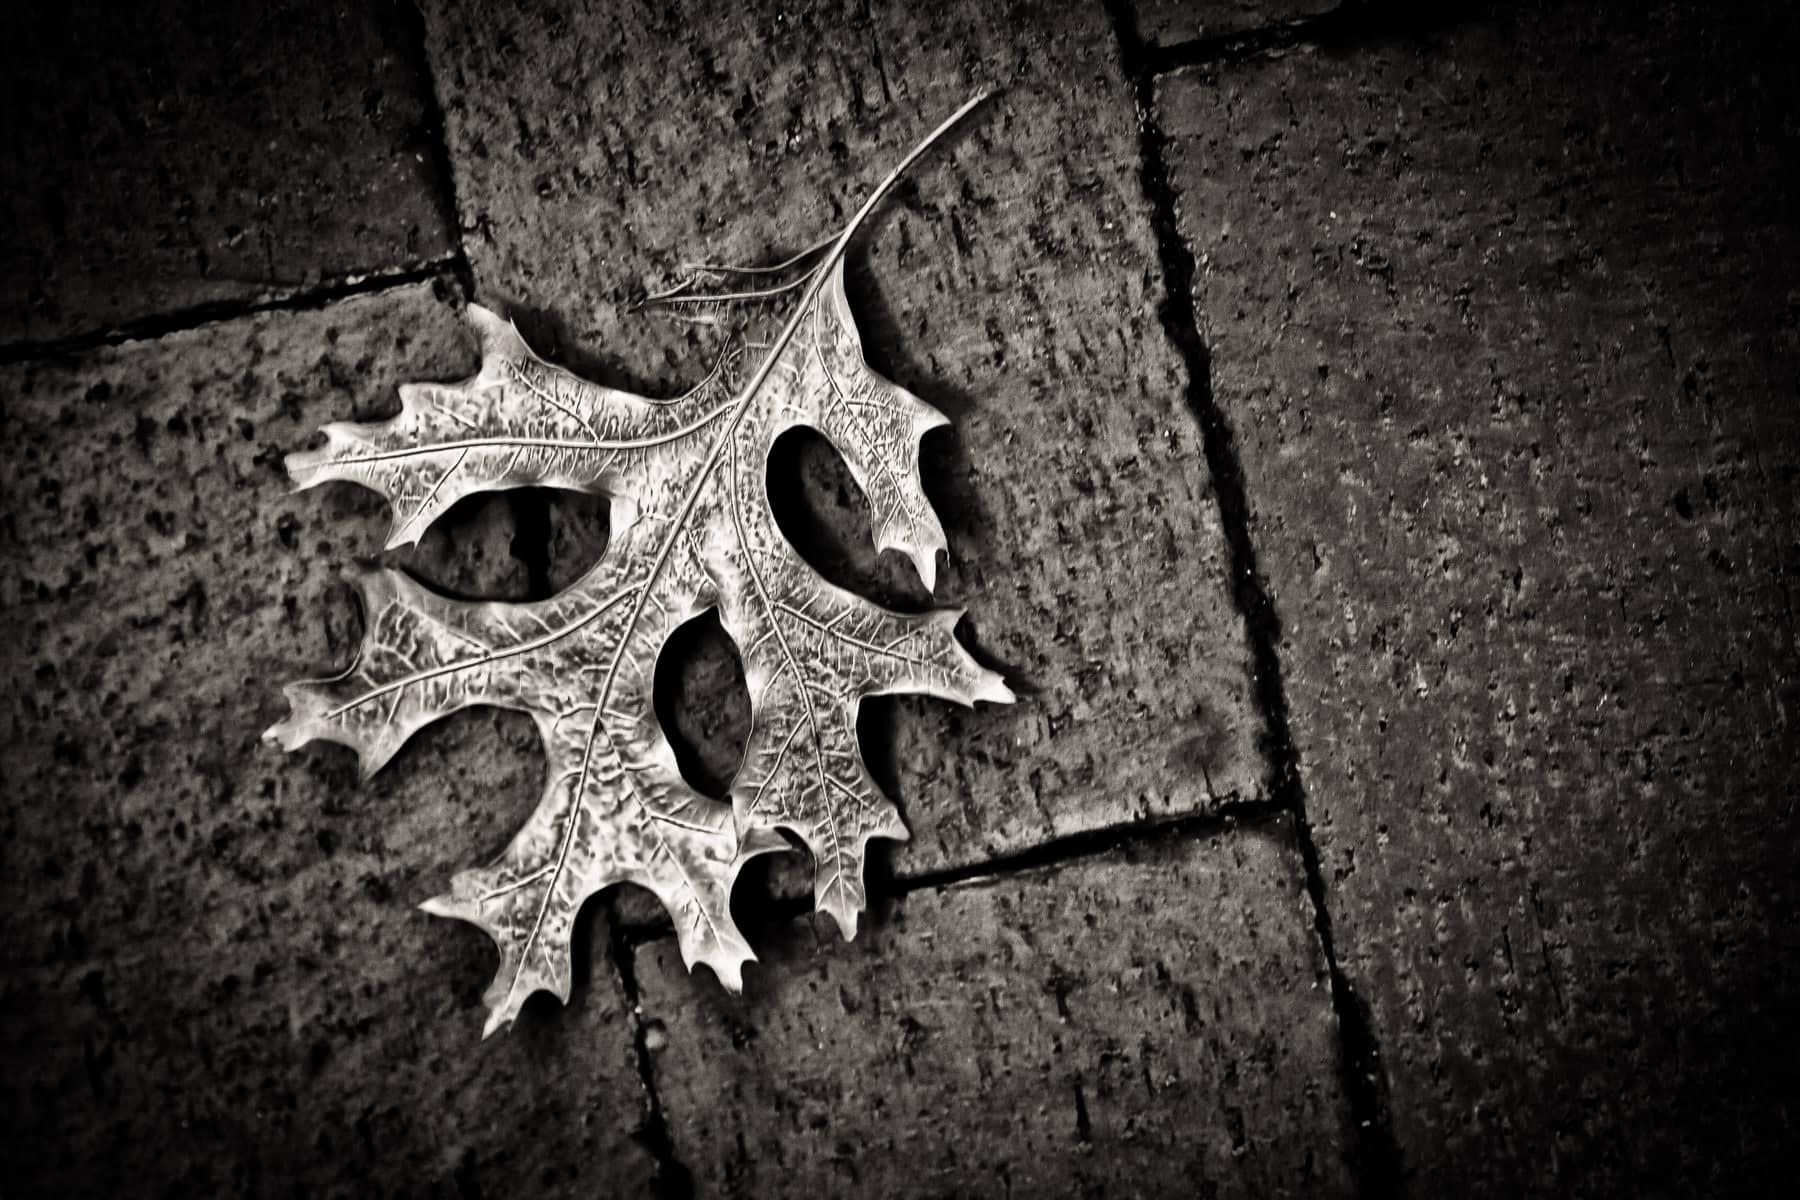 A dead leaf lying on a sidewalk on a warm Spring day in Addison, Texas.